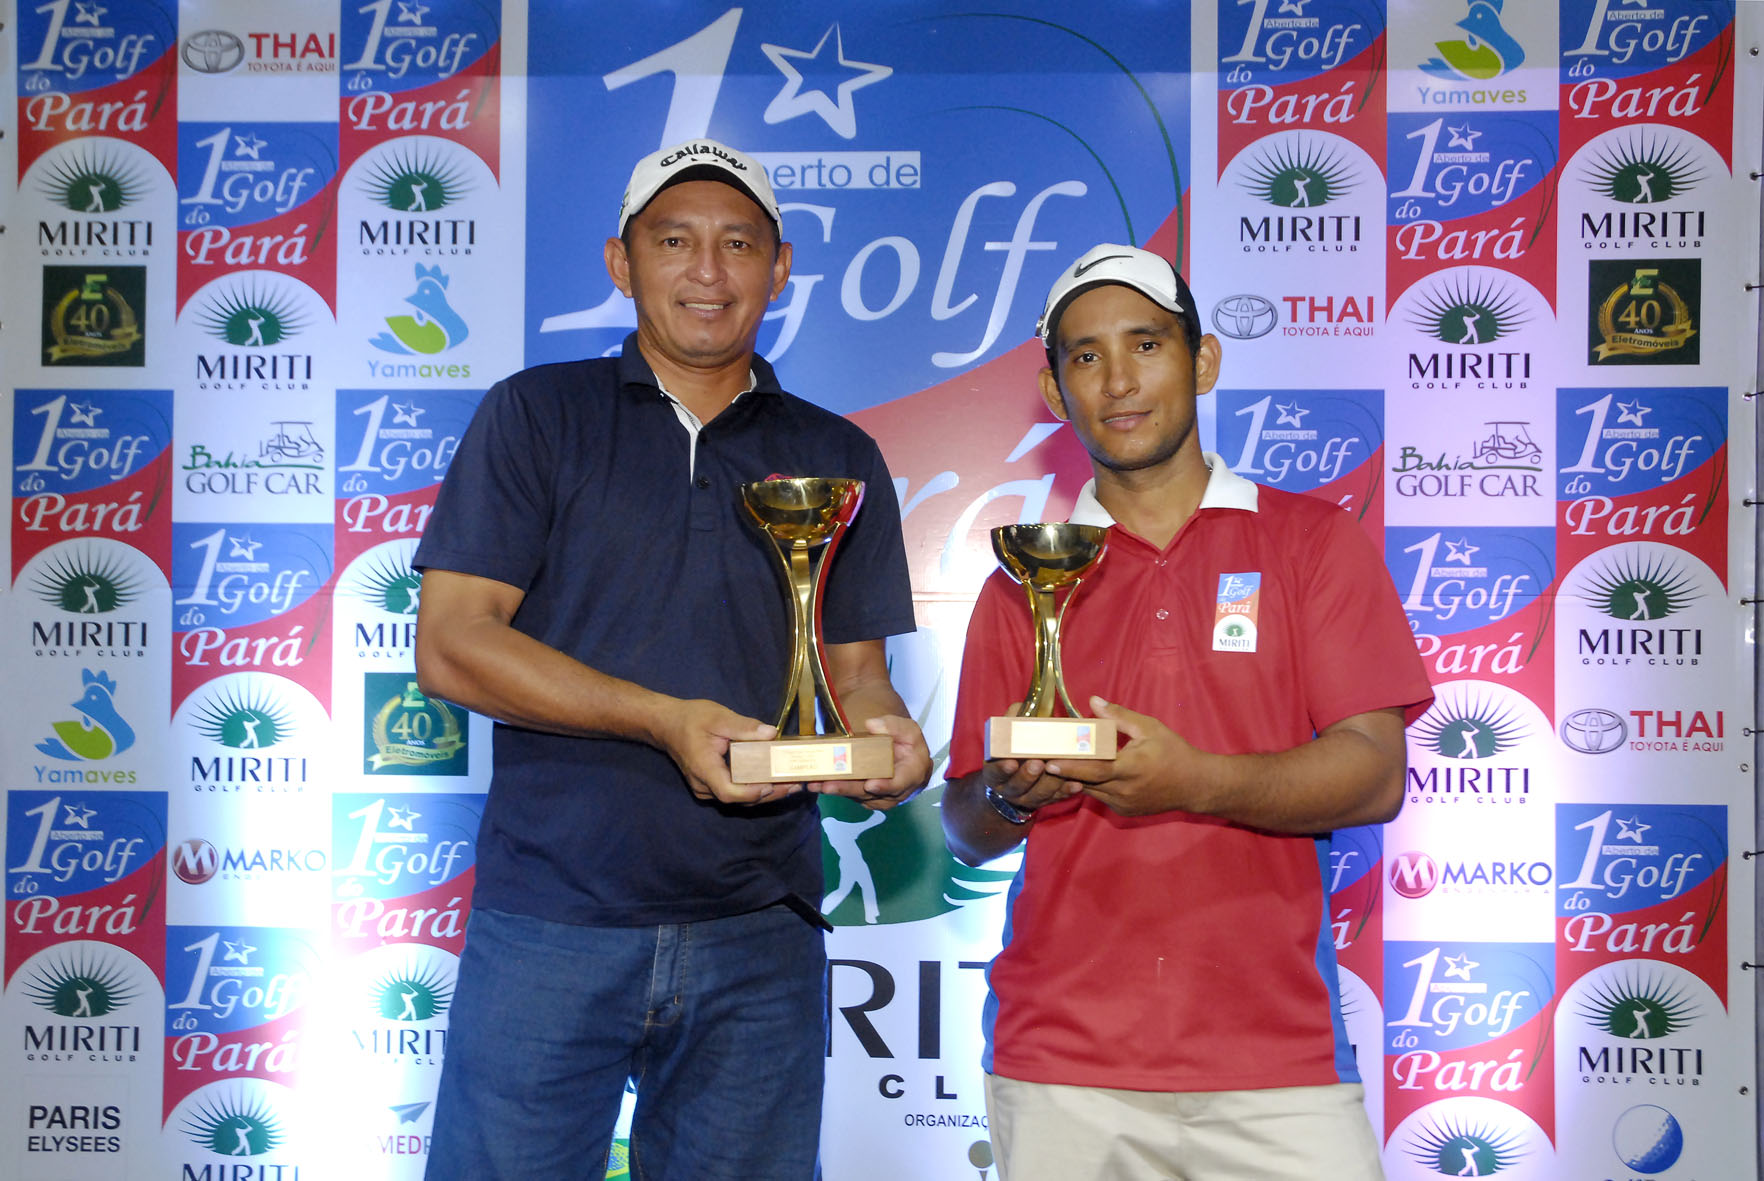 Ednilson Lima é o campeão do 1° Aberto de Golf do Pará no Miriti Golf Club